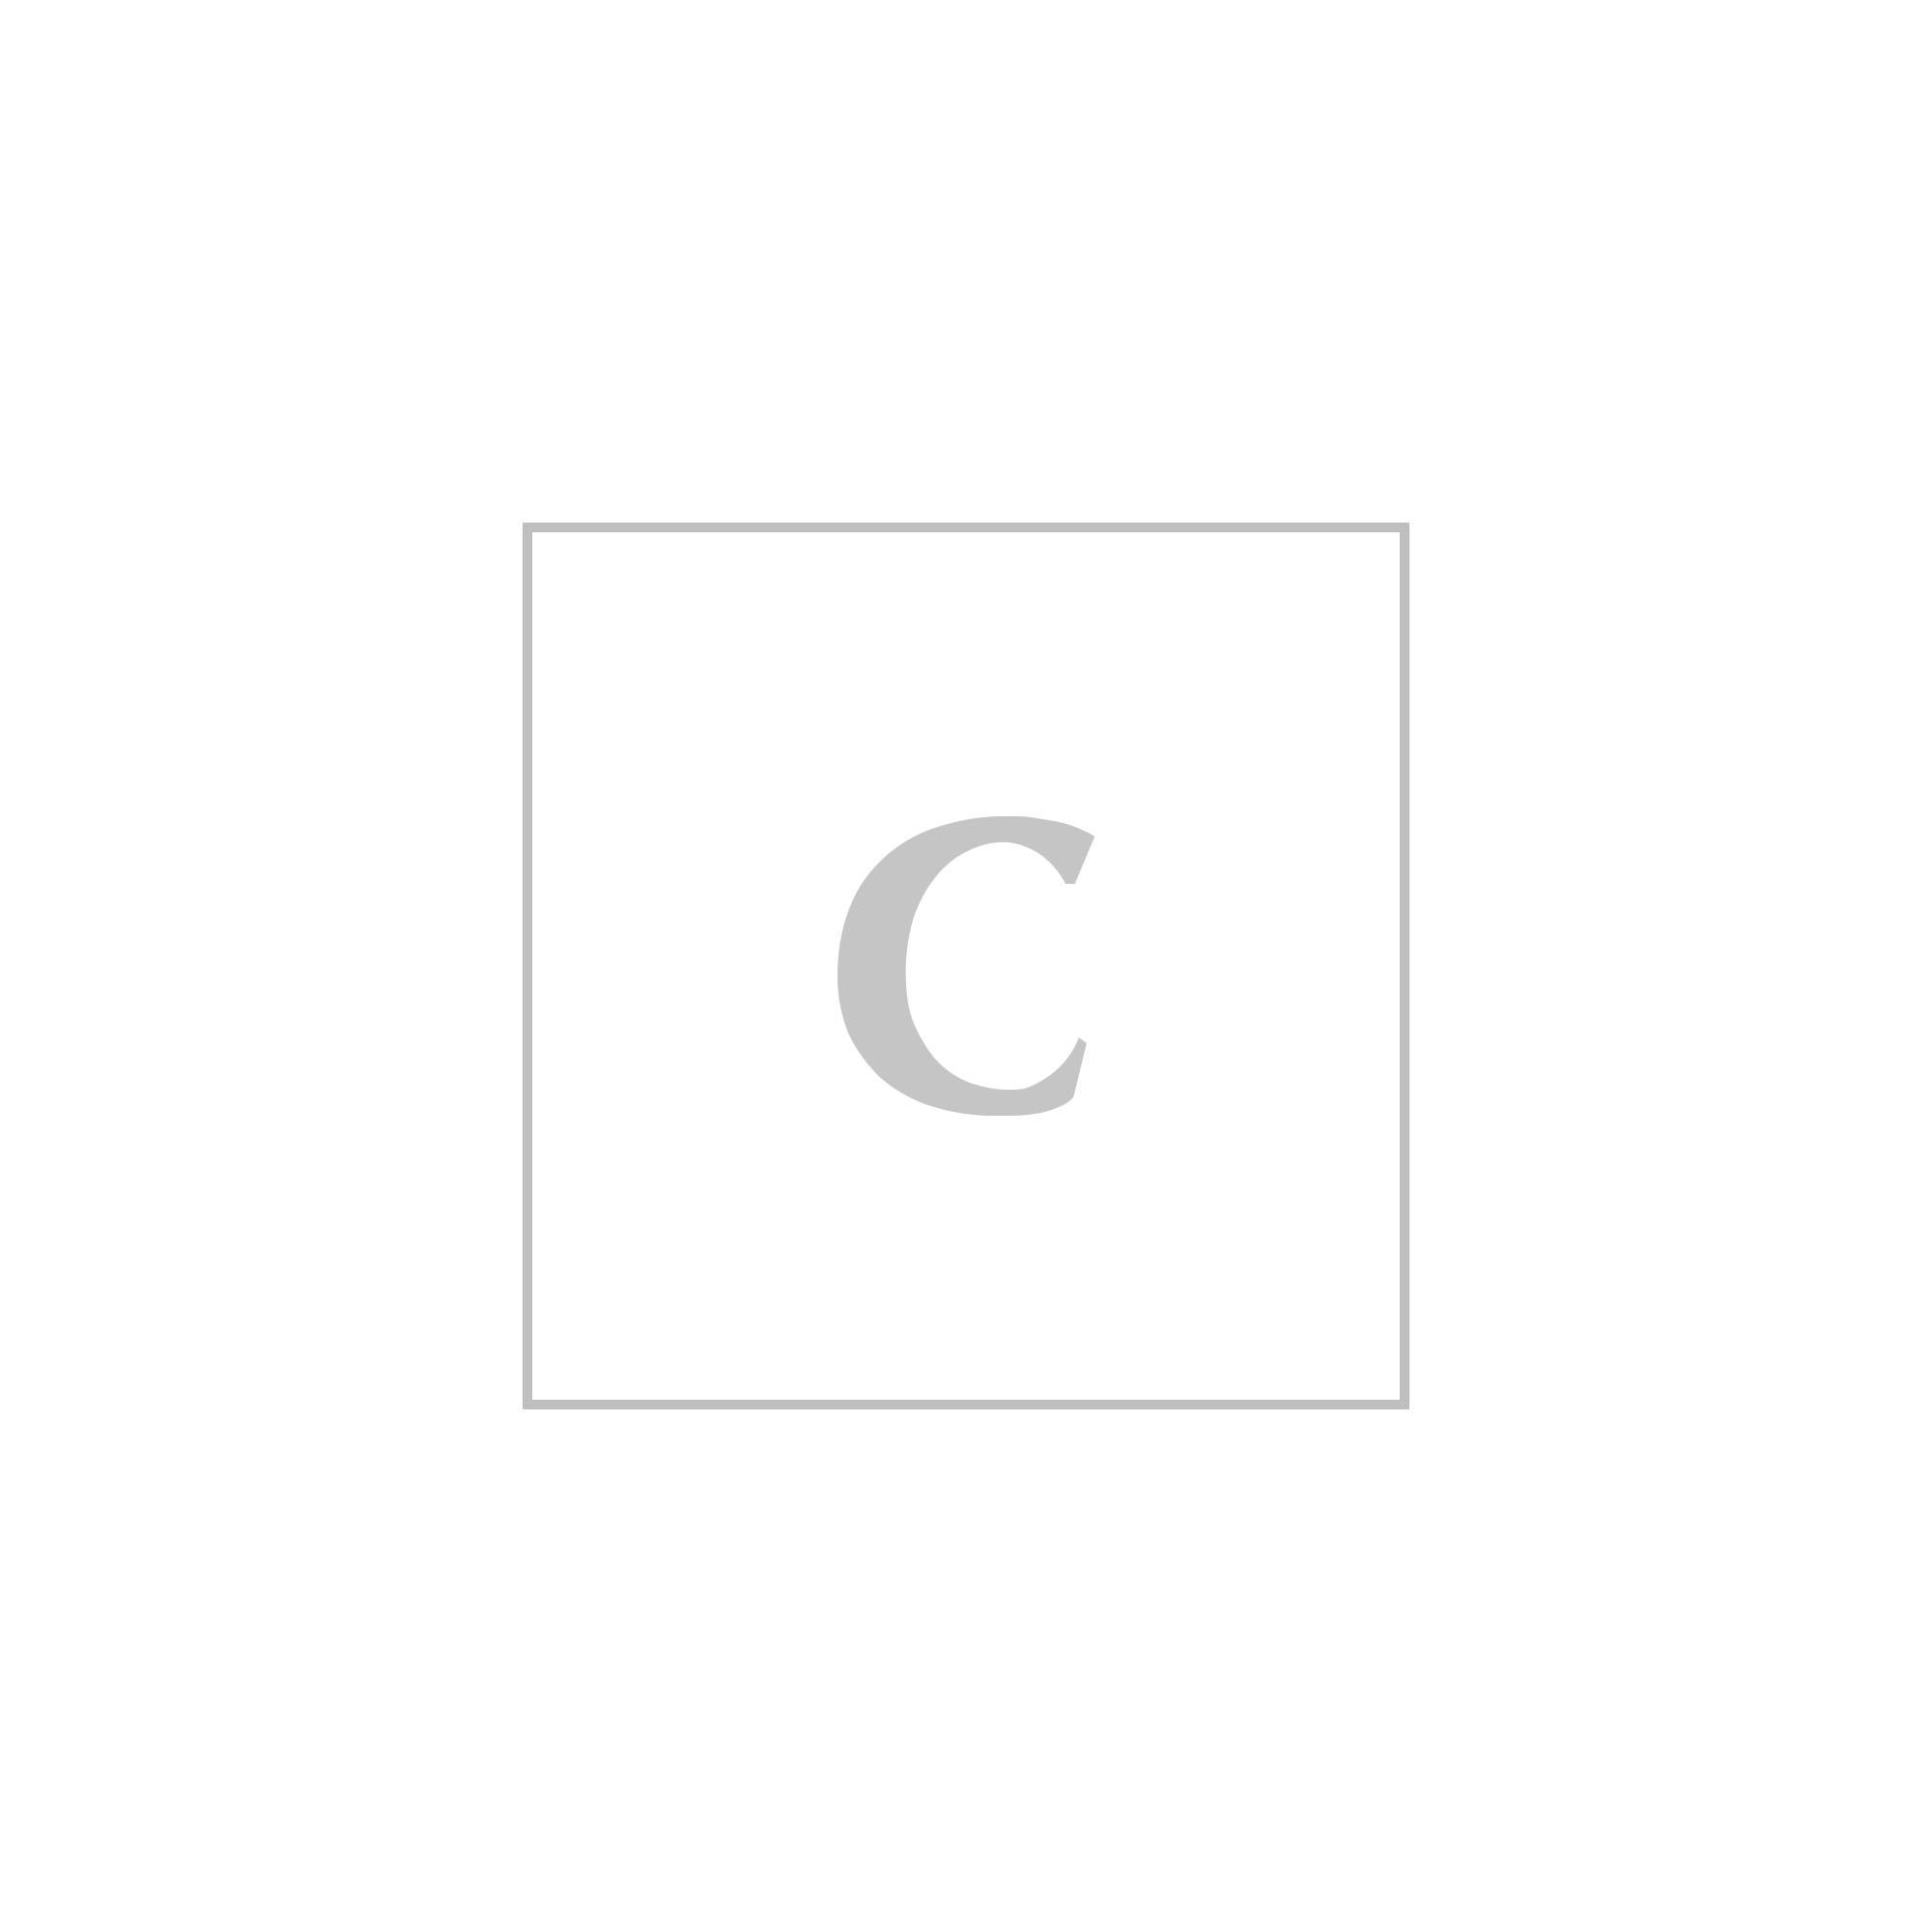 Burberry portacarte credito bernie